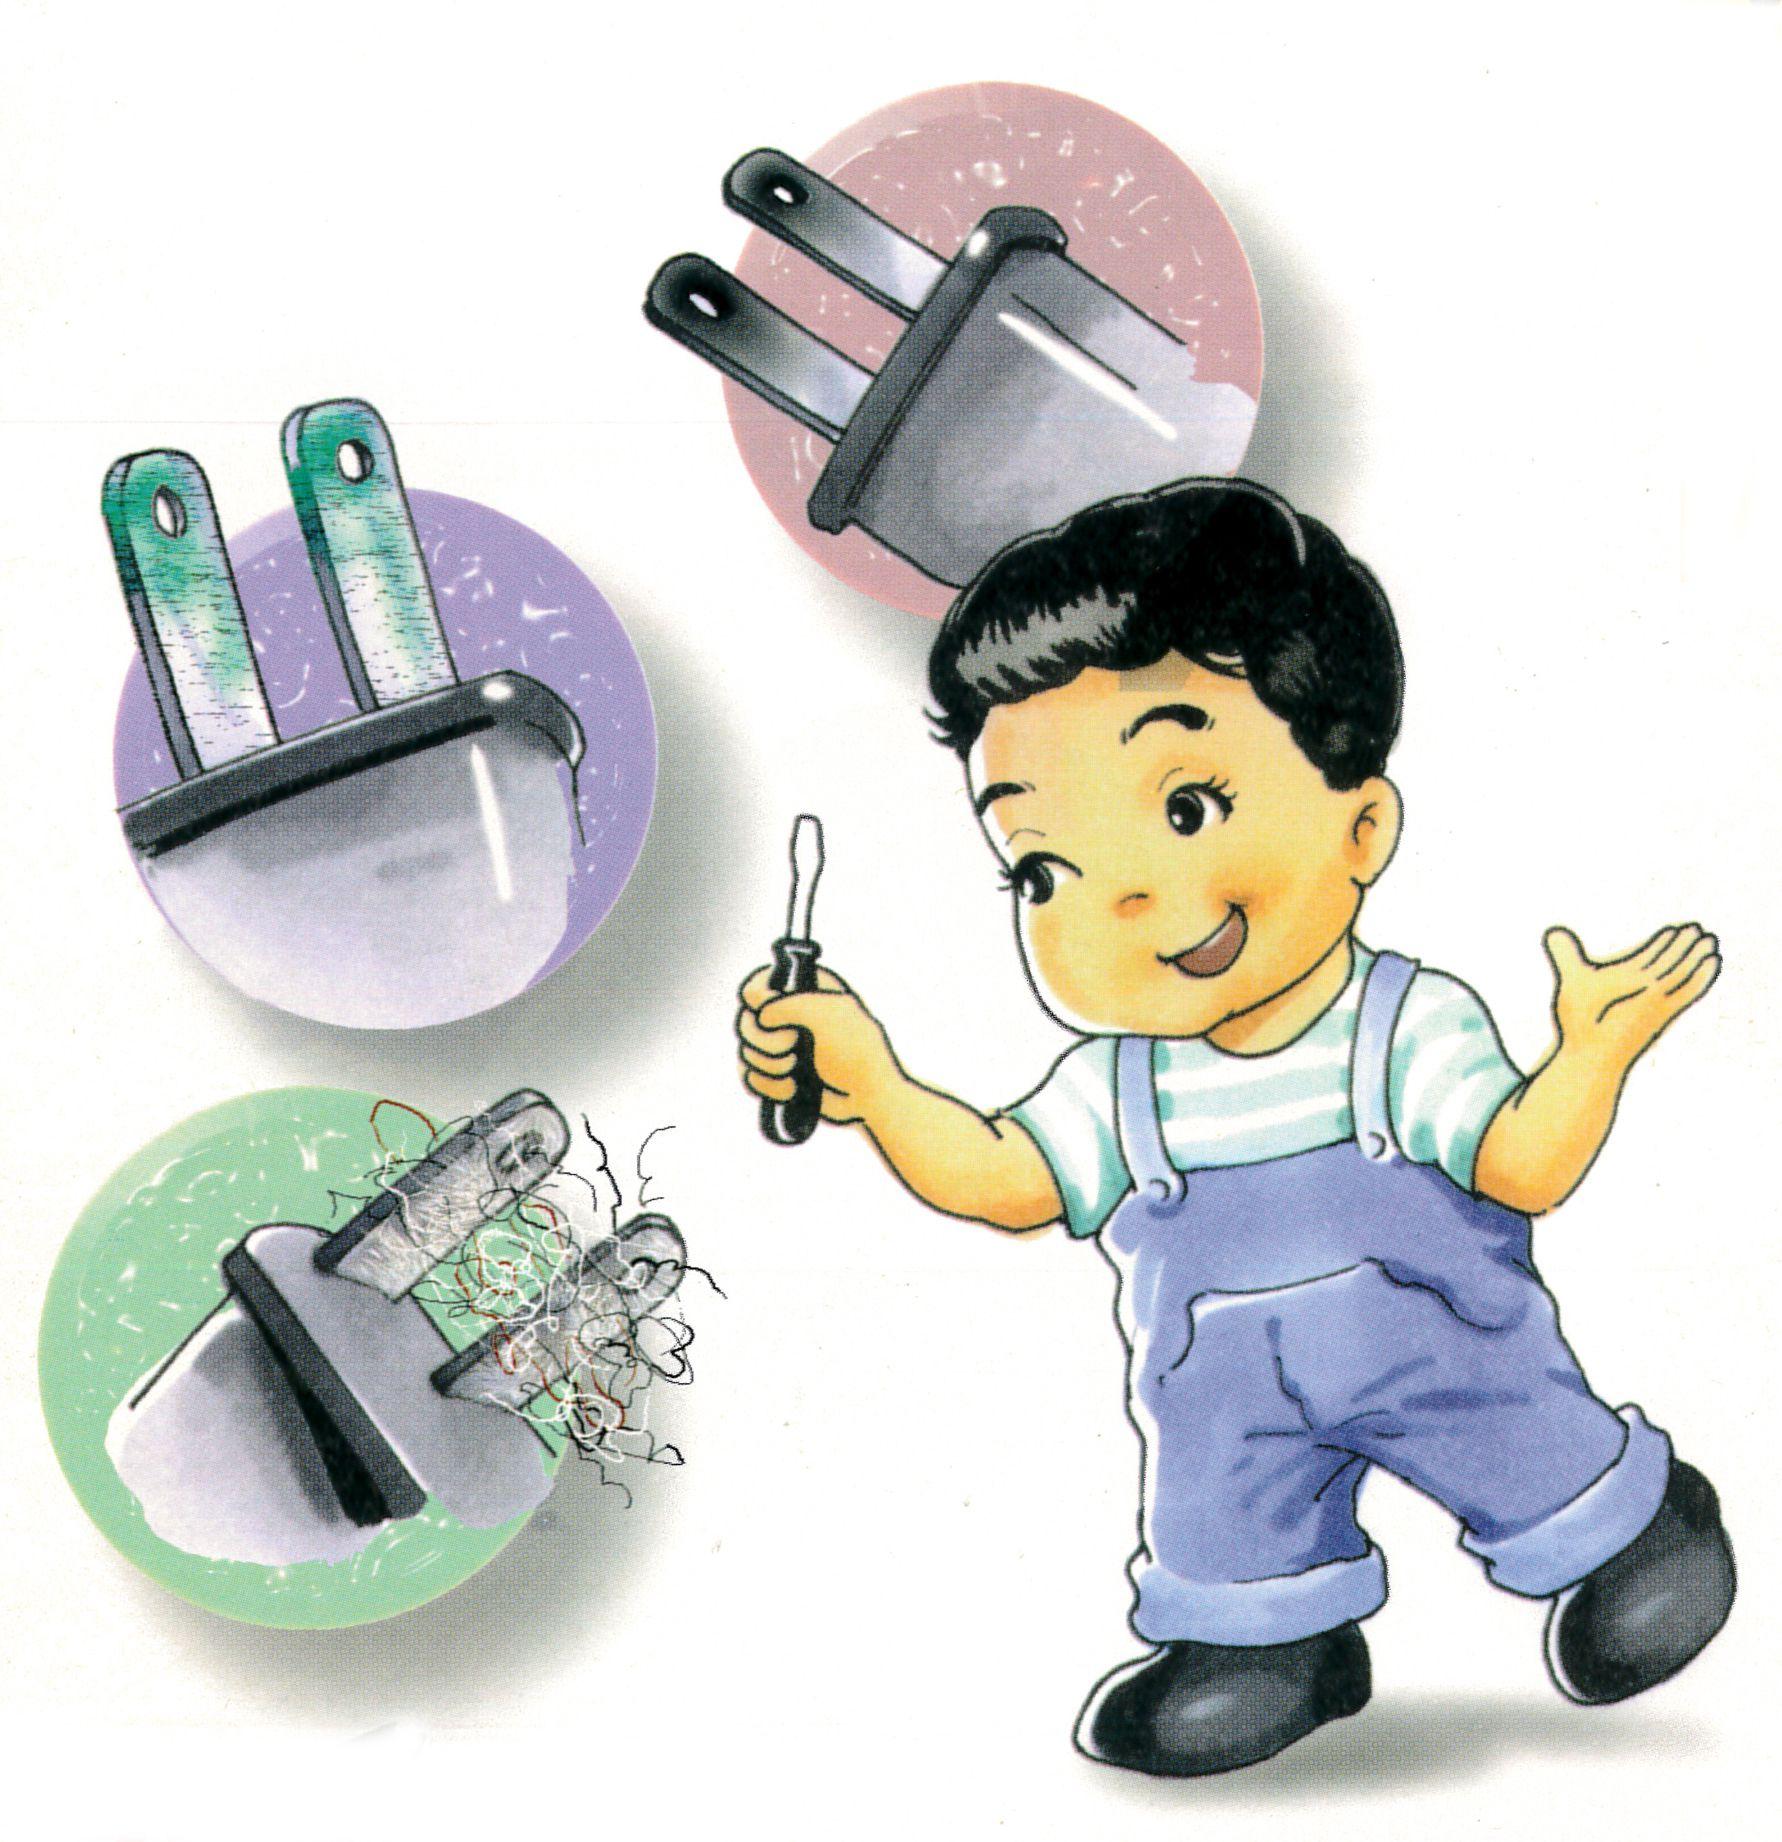 圖3檢查電器插頭有無焦黑、綠鏽及堆積灰塵